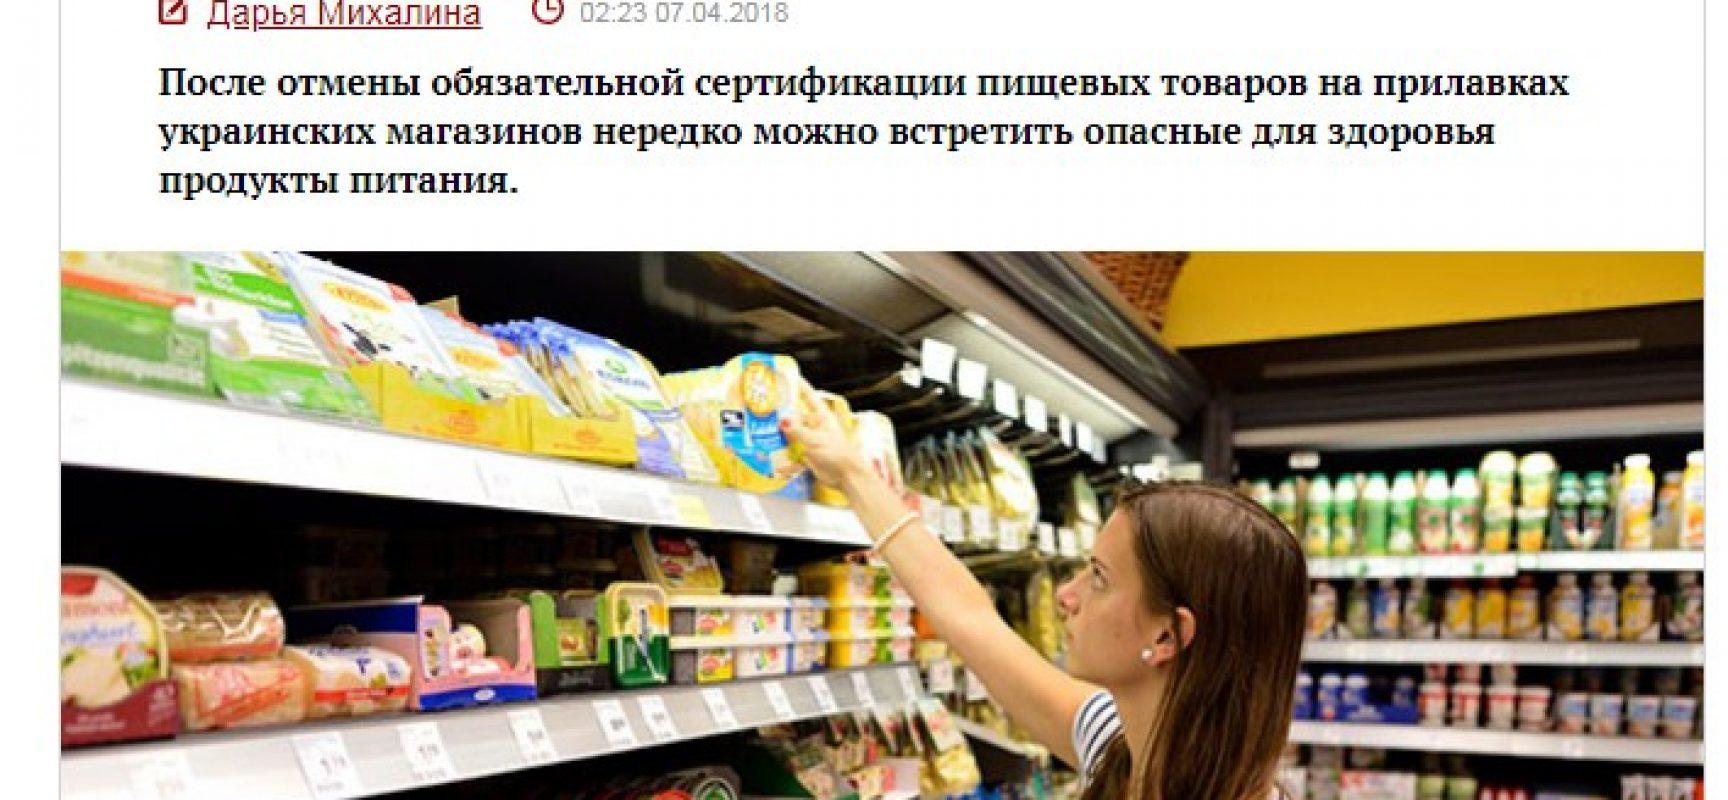 Manipolazione: l'Ucraina è stata invasa da prodotti falsi Europei